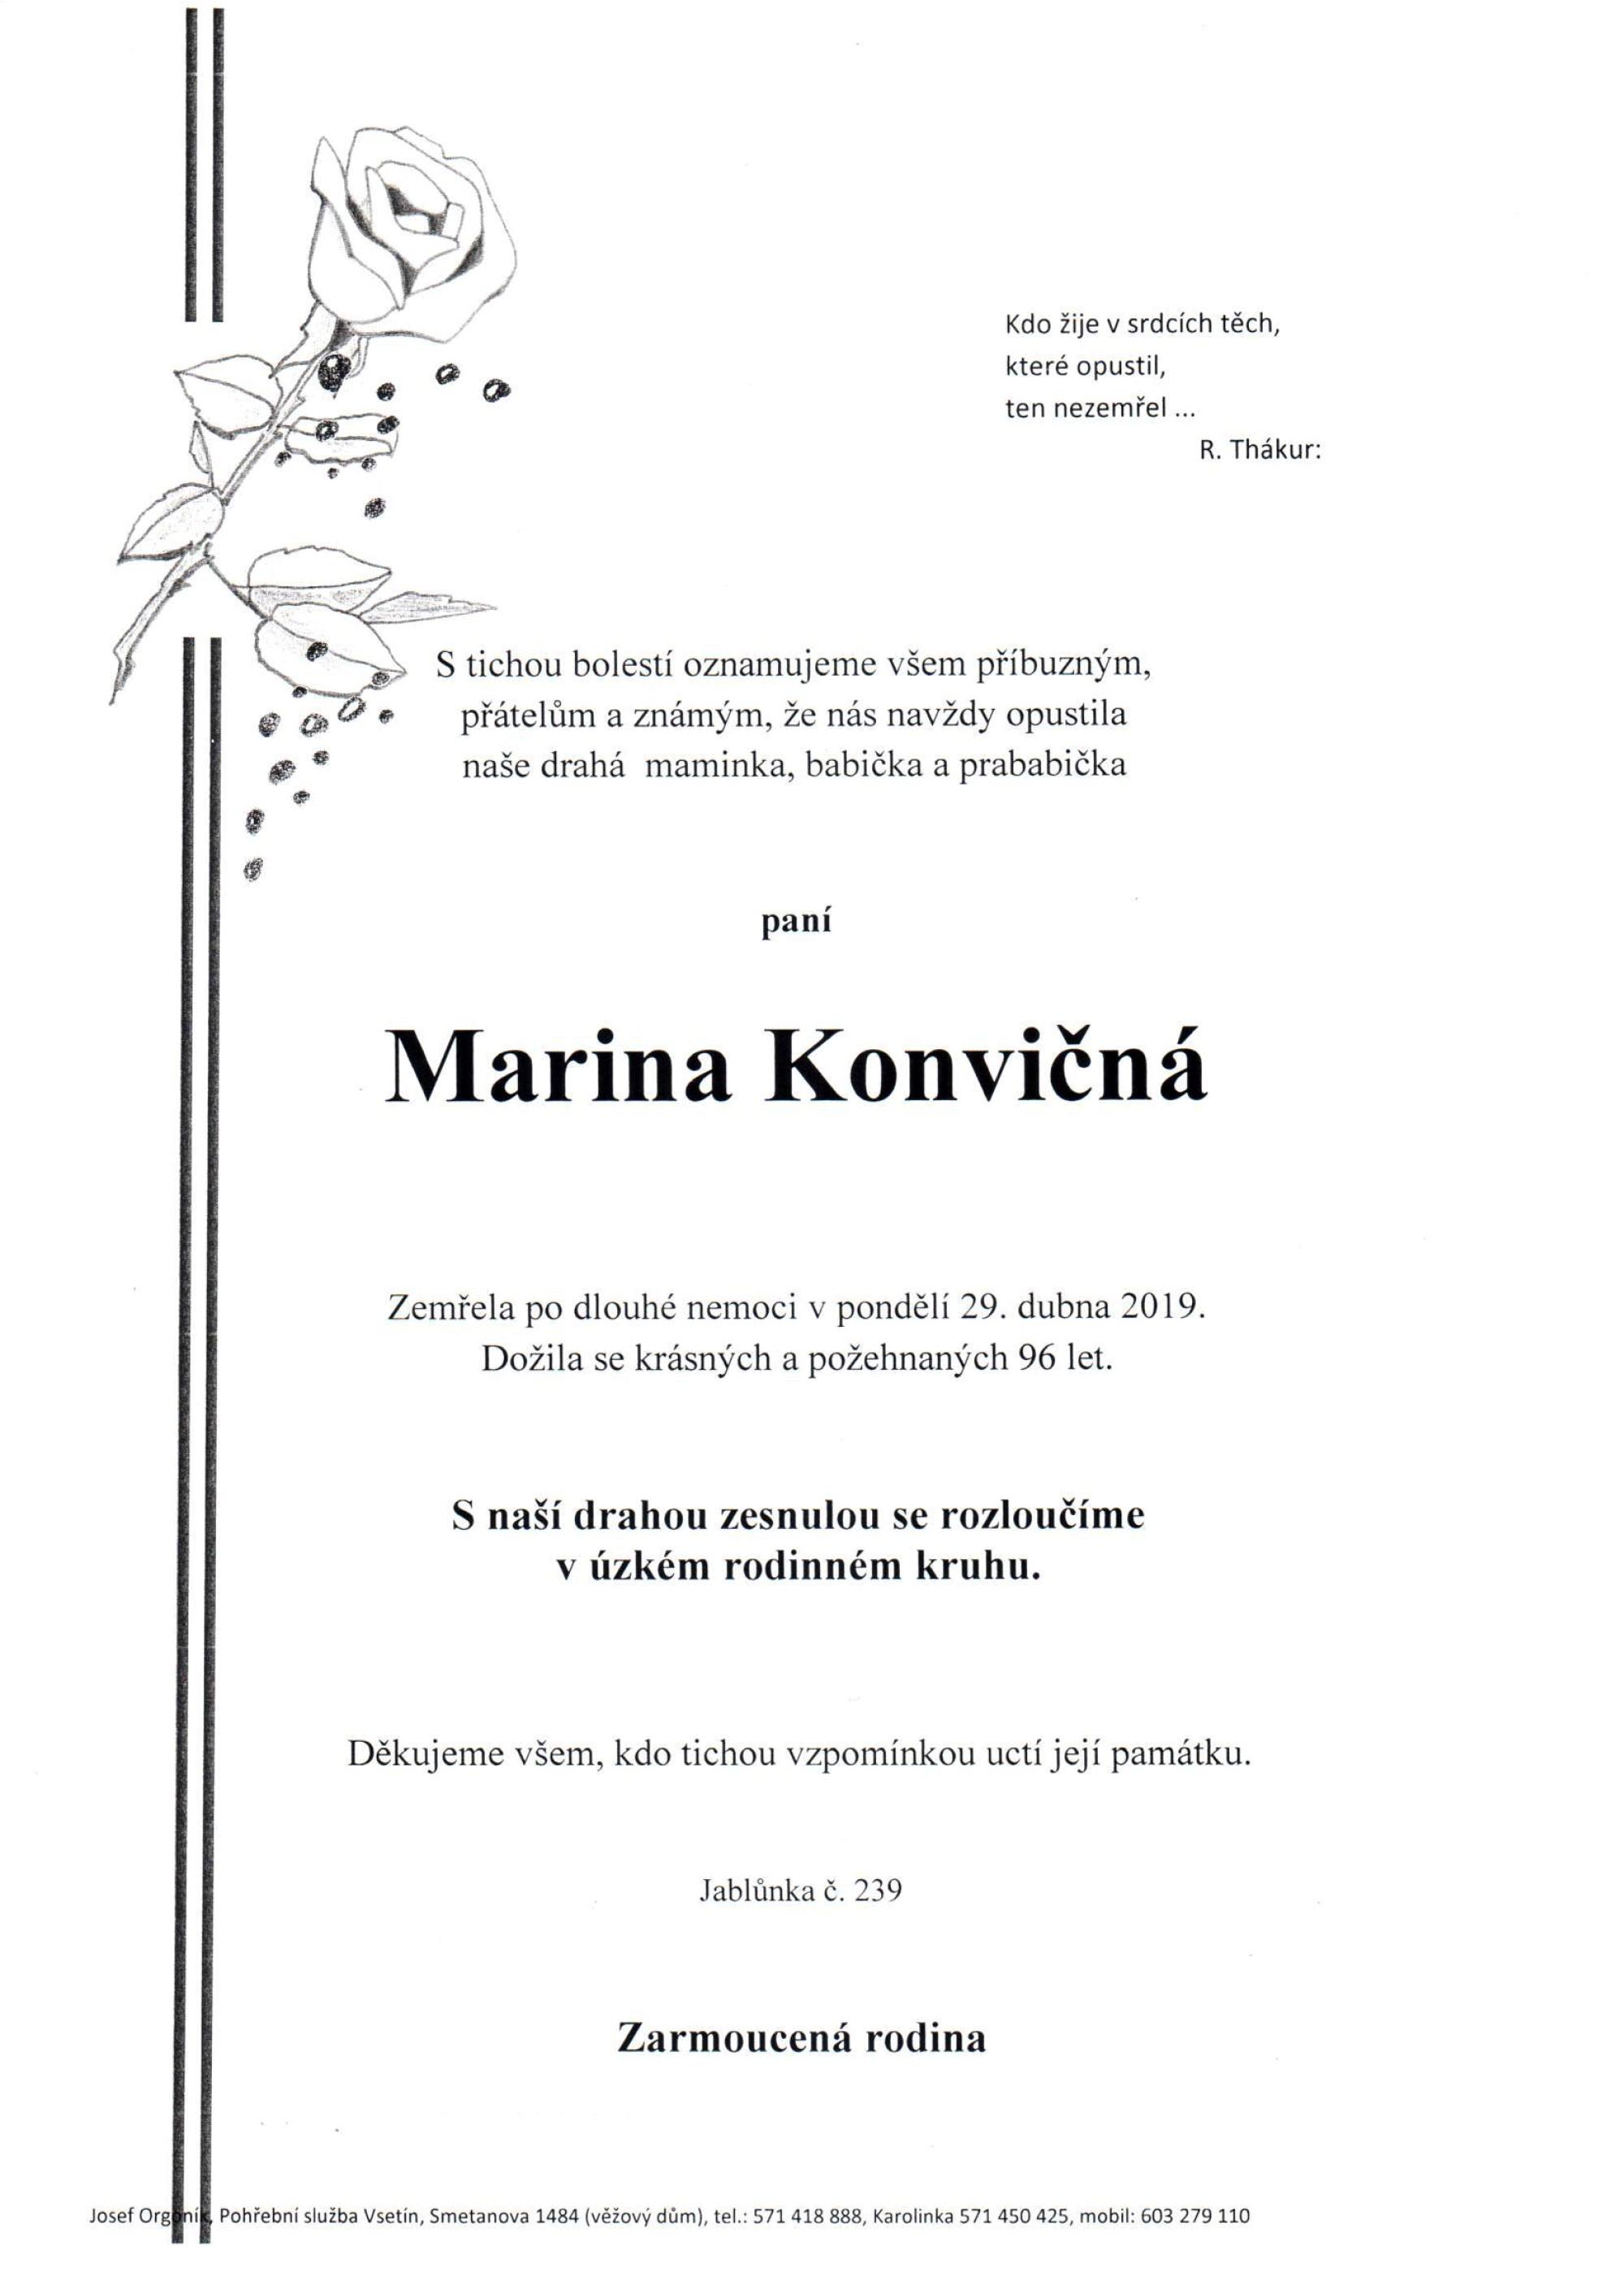 Marina Konvičná